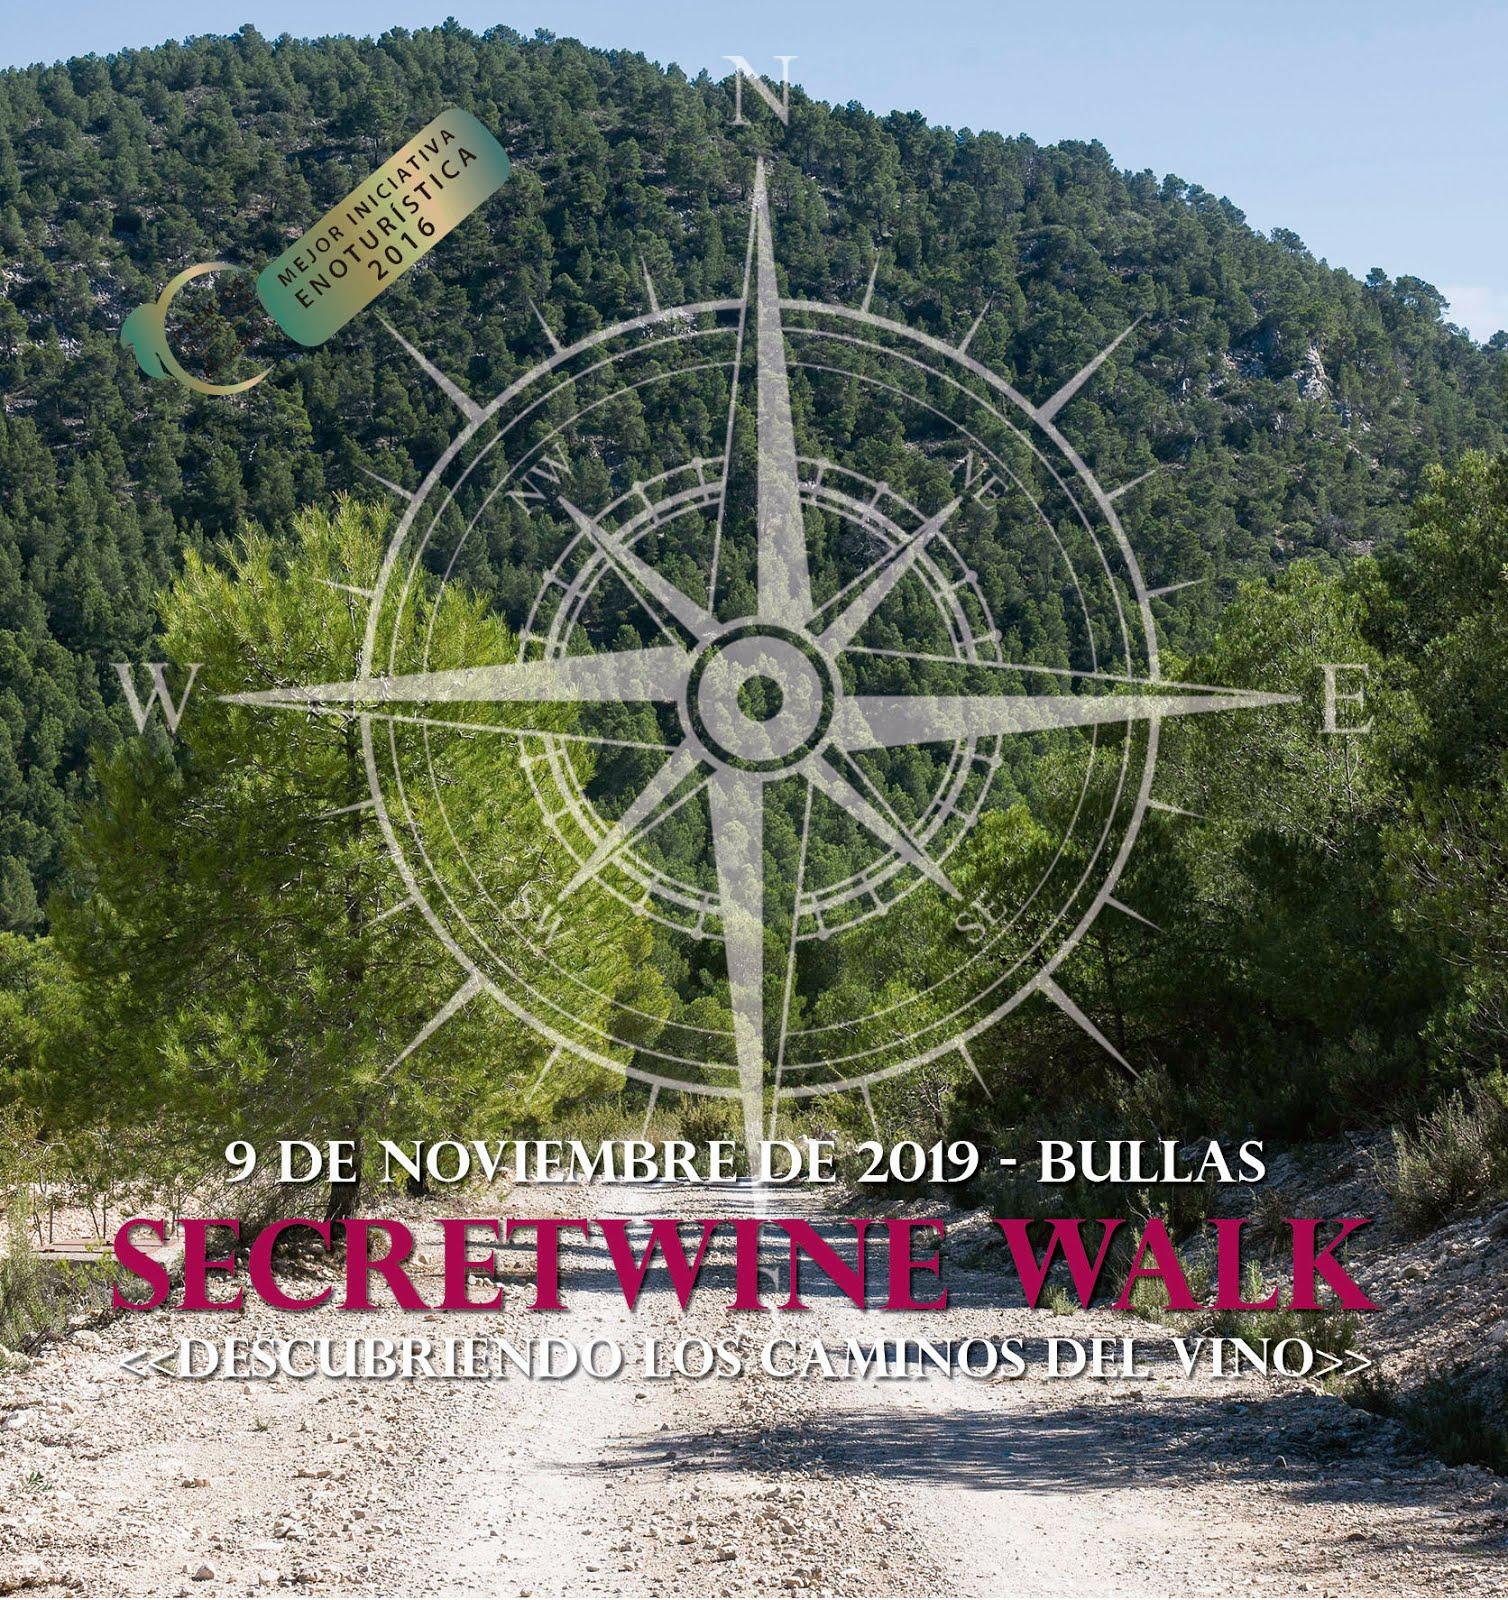 SecretWine Walk Bullas. Descubriendo los caminos del vino.